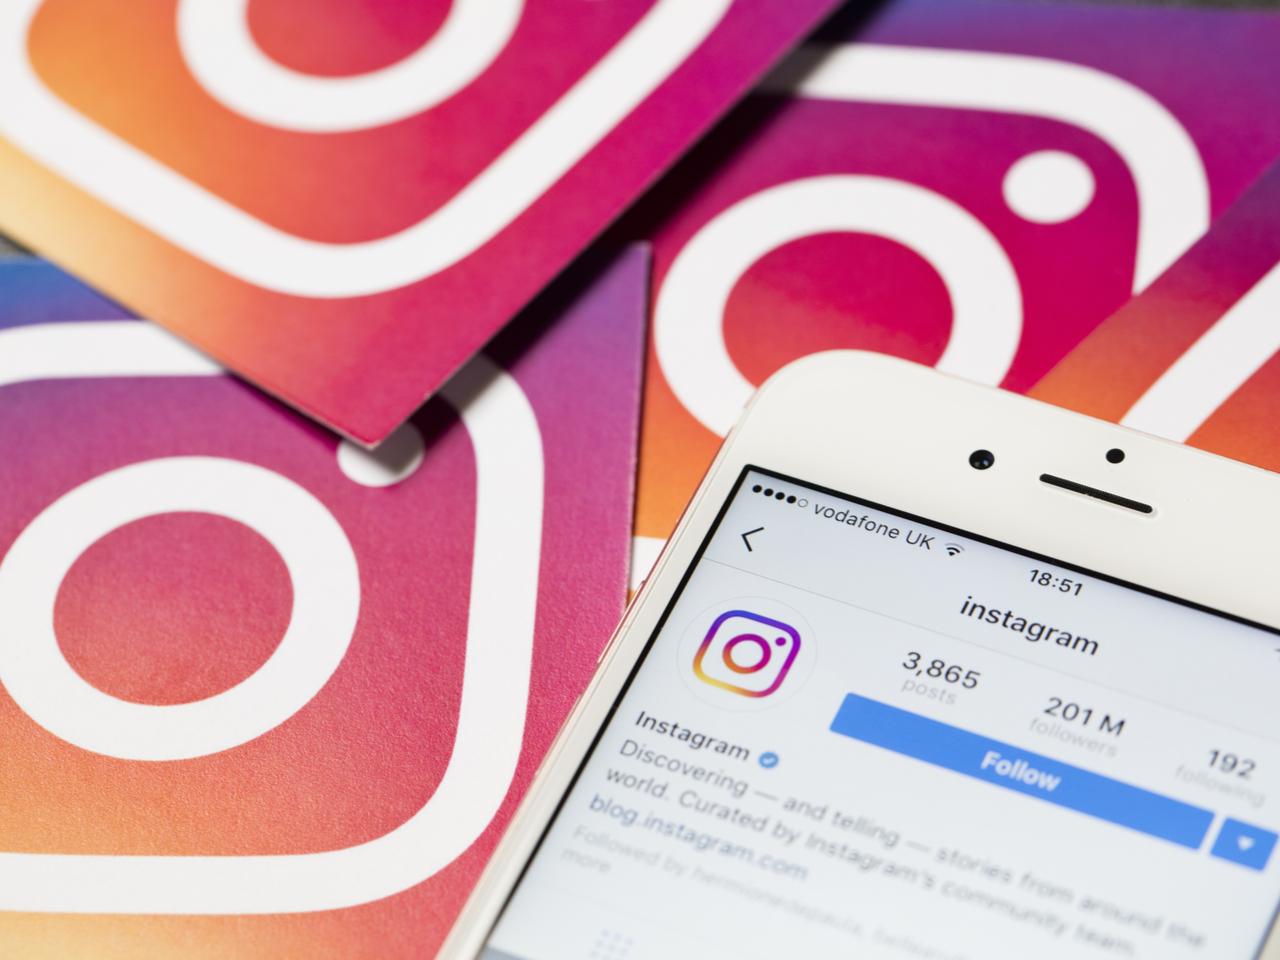 В бизнес-аккаунтах Instagram появится вкладка с контентом похожих компаний